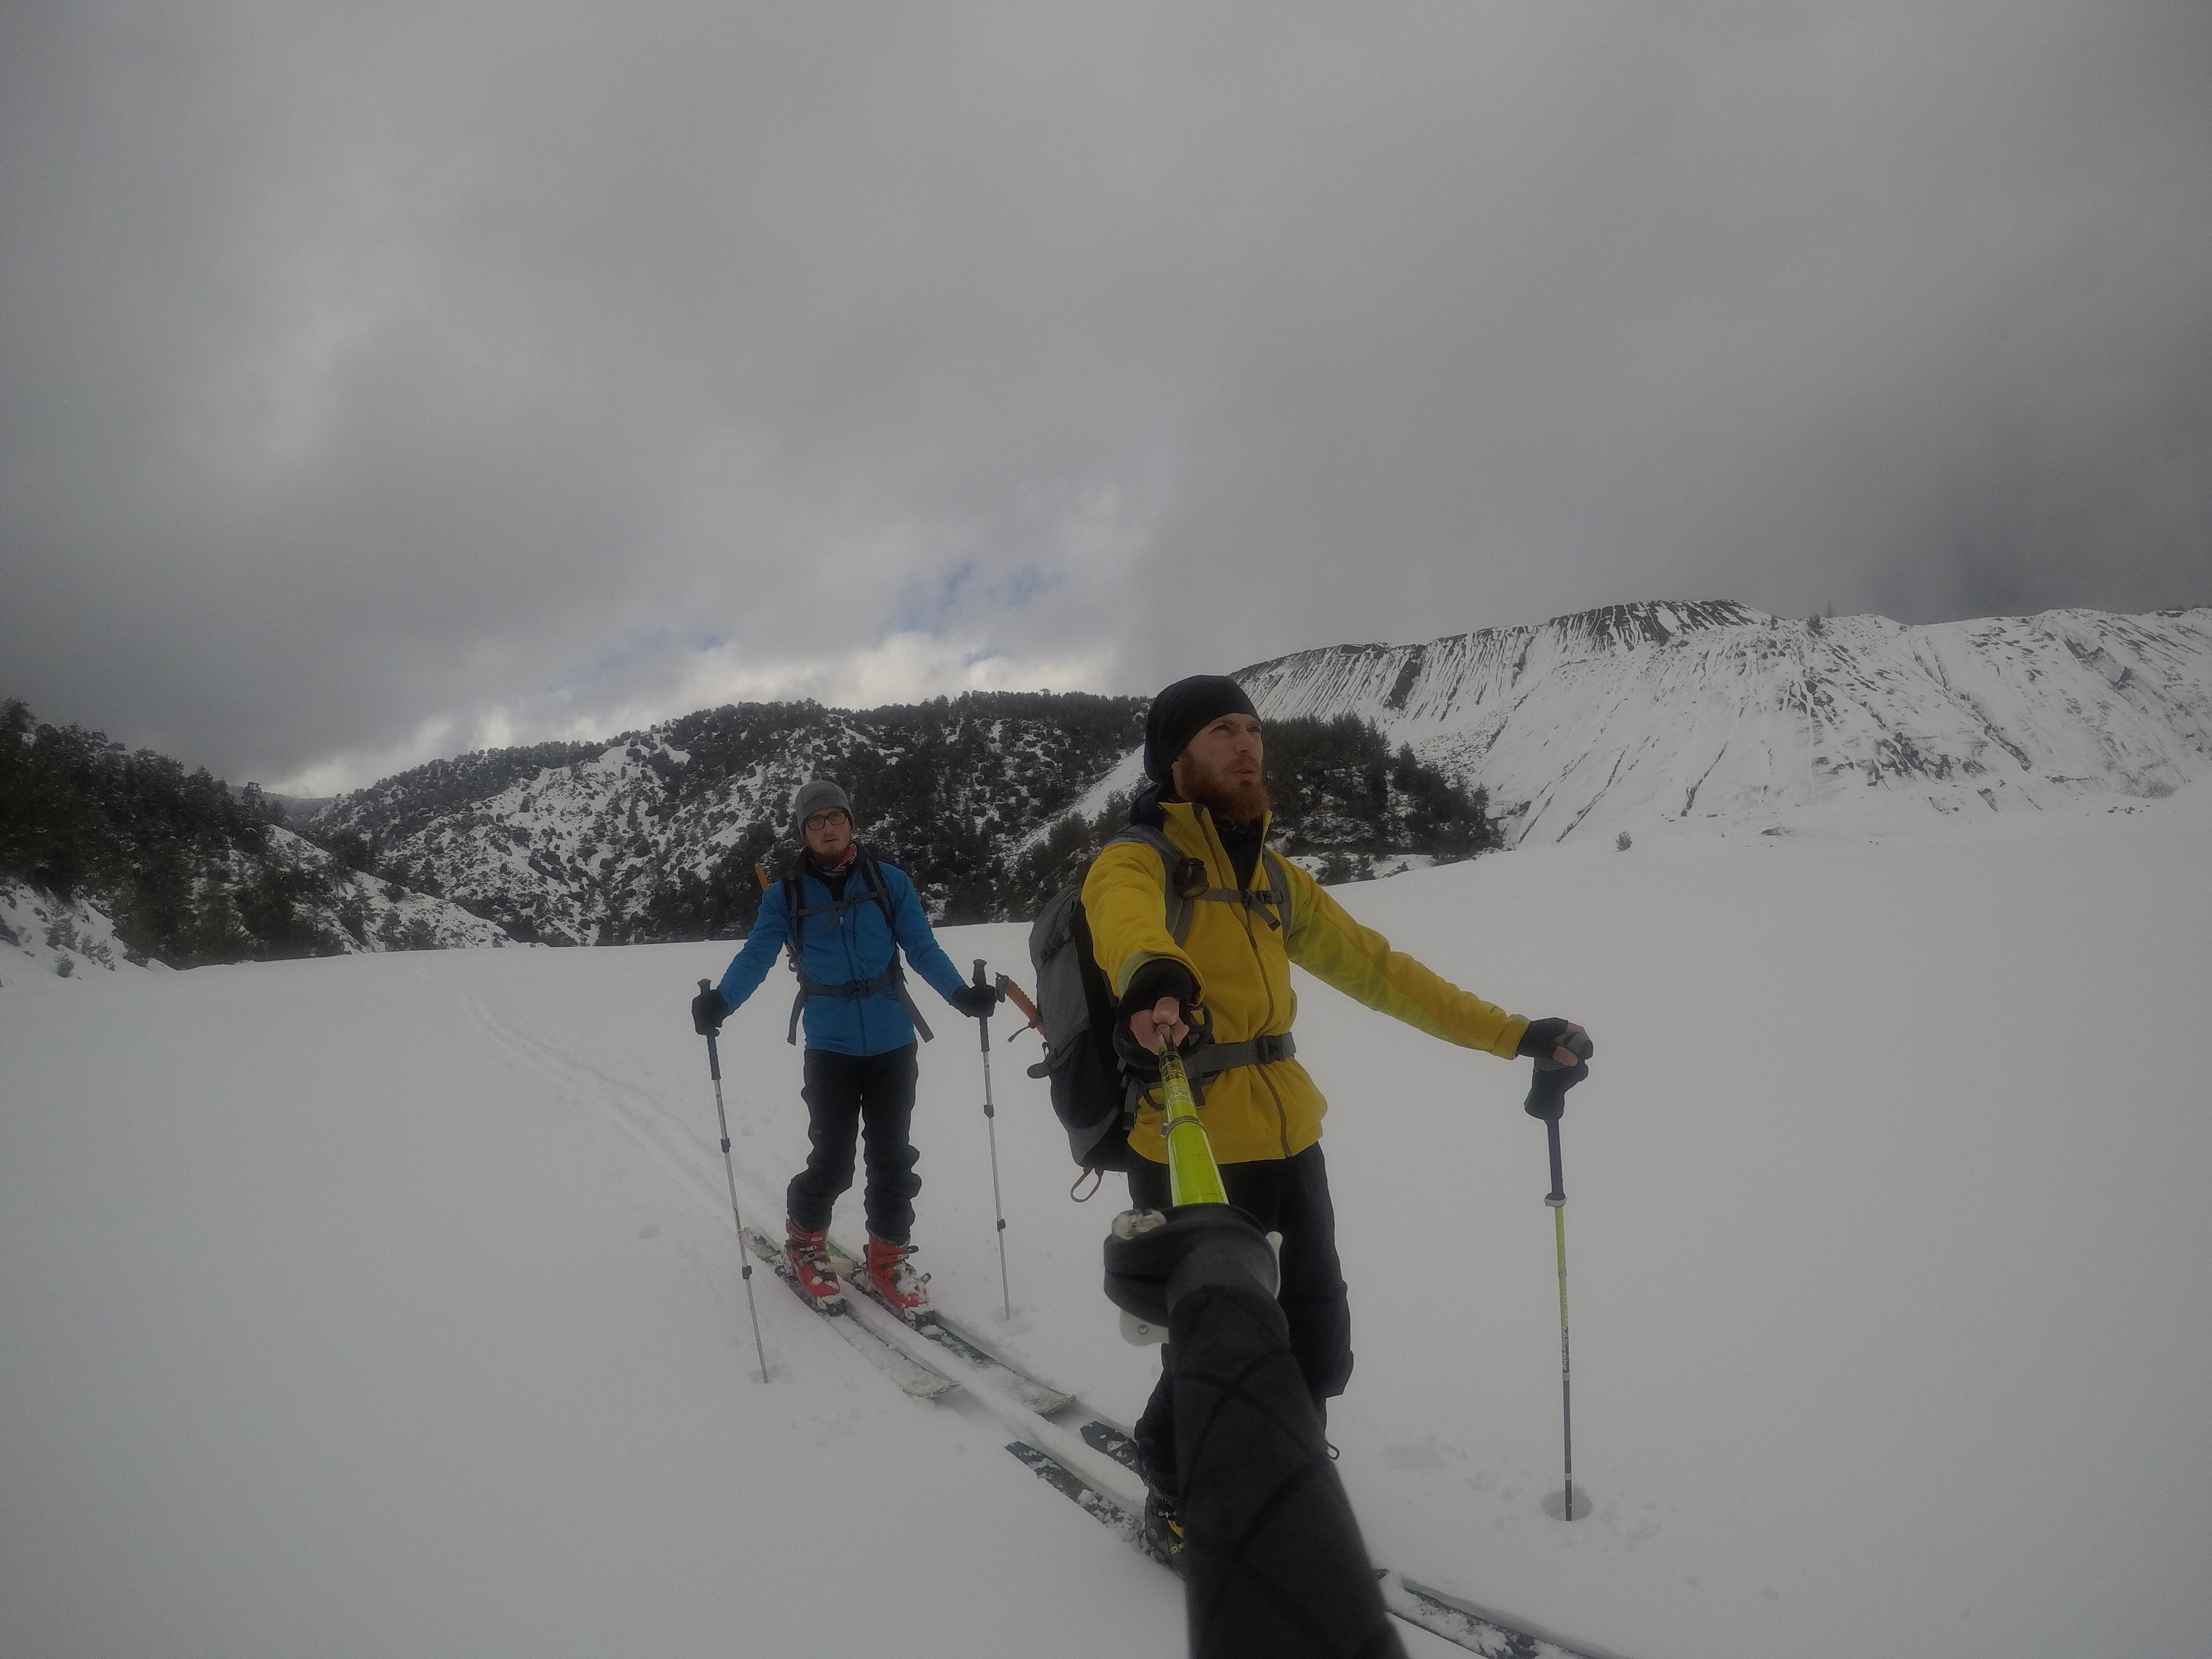 Loumata tous Aetous Ski Descent